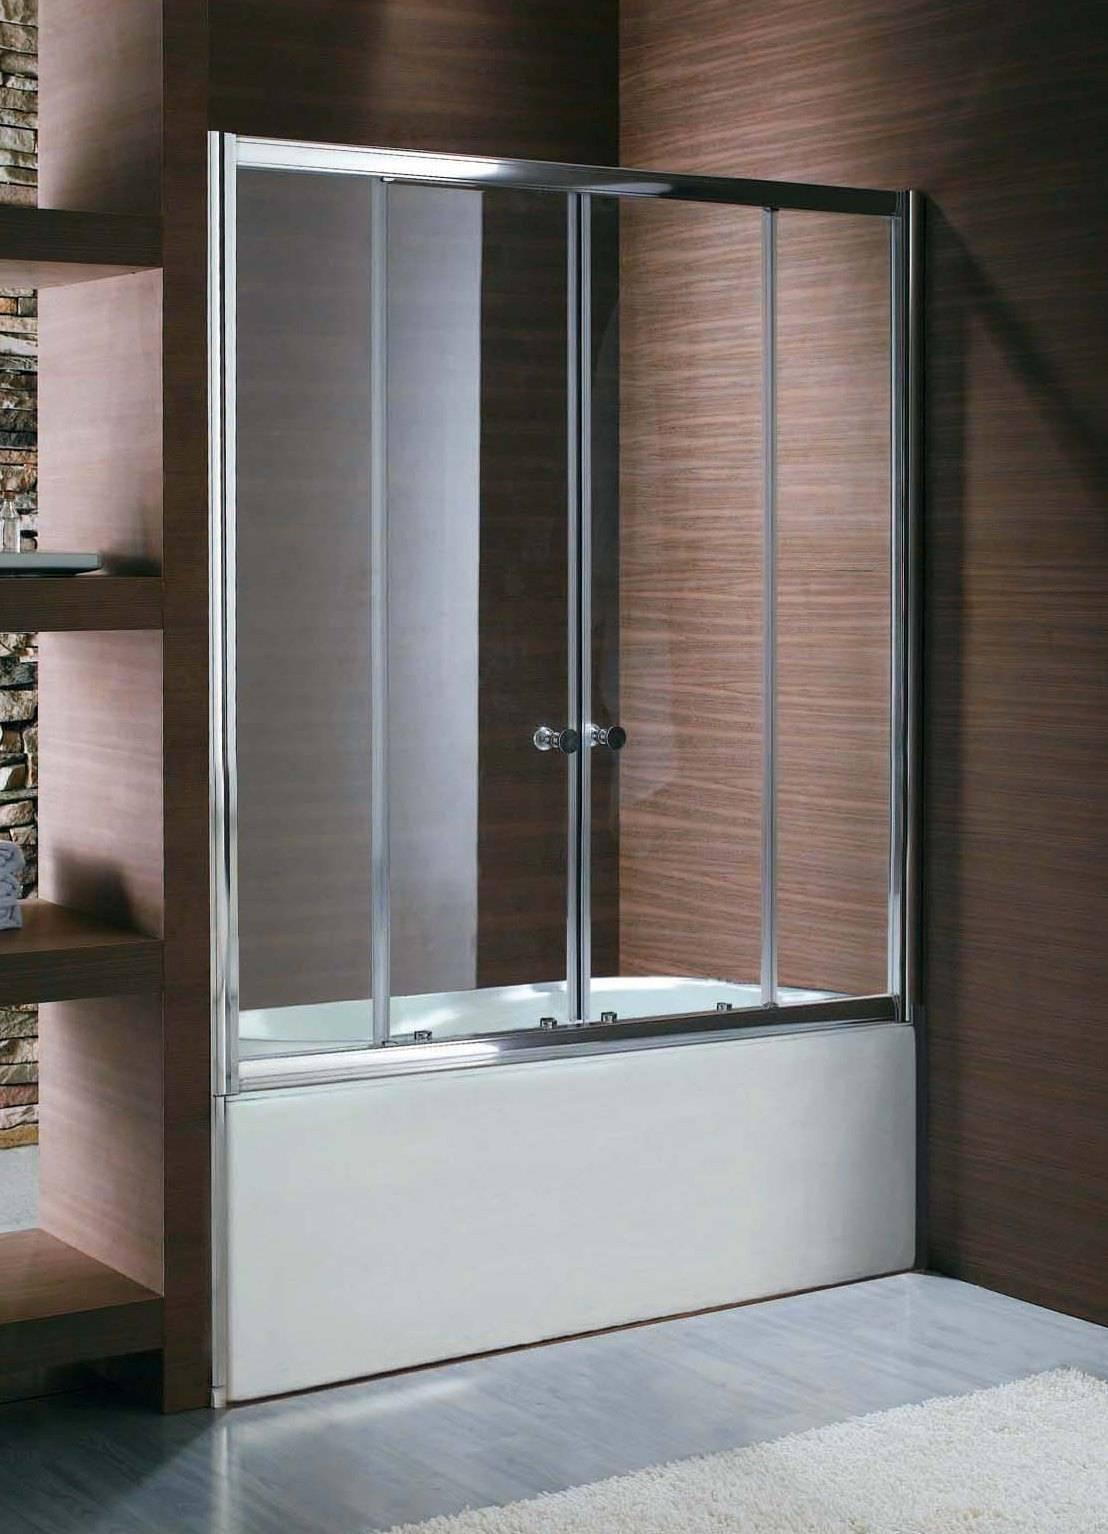 Раздвижные шторки для ванны: стеклянные, пластиковые